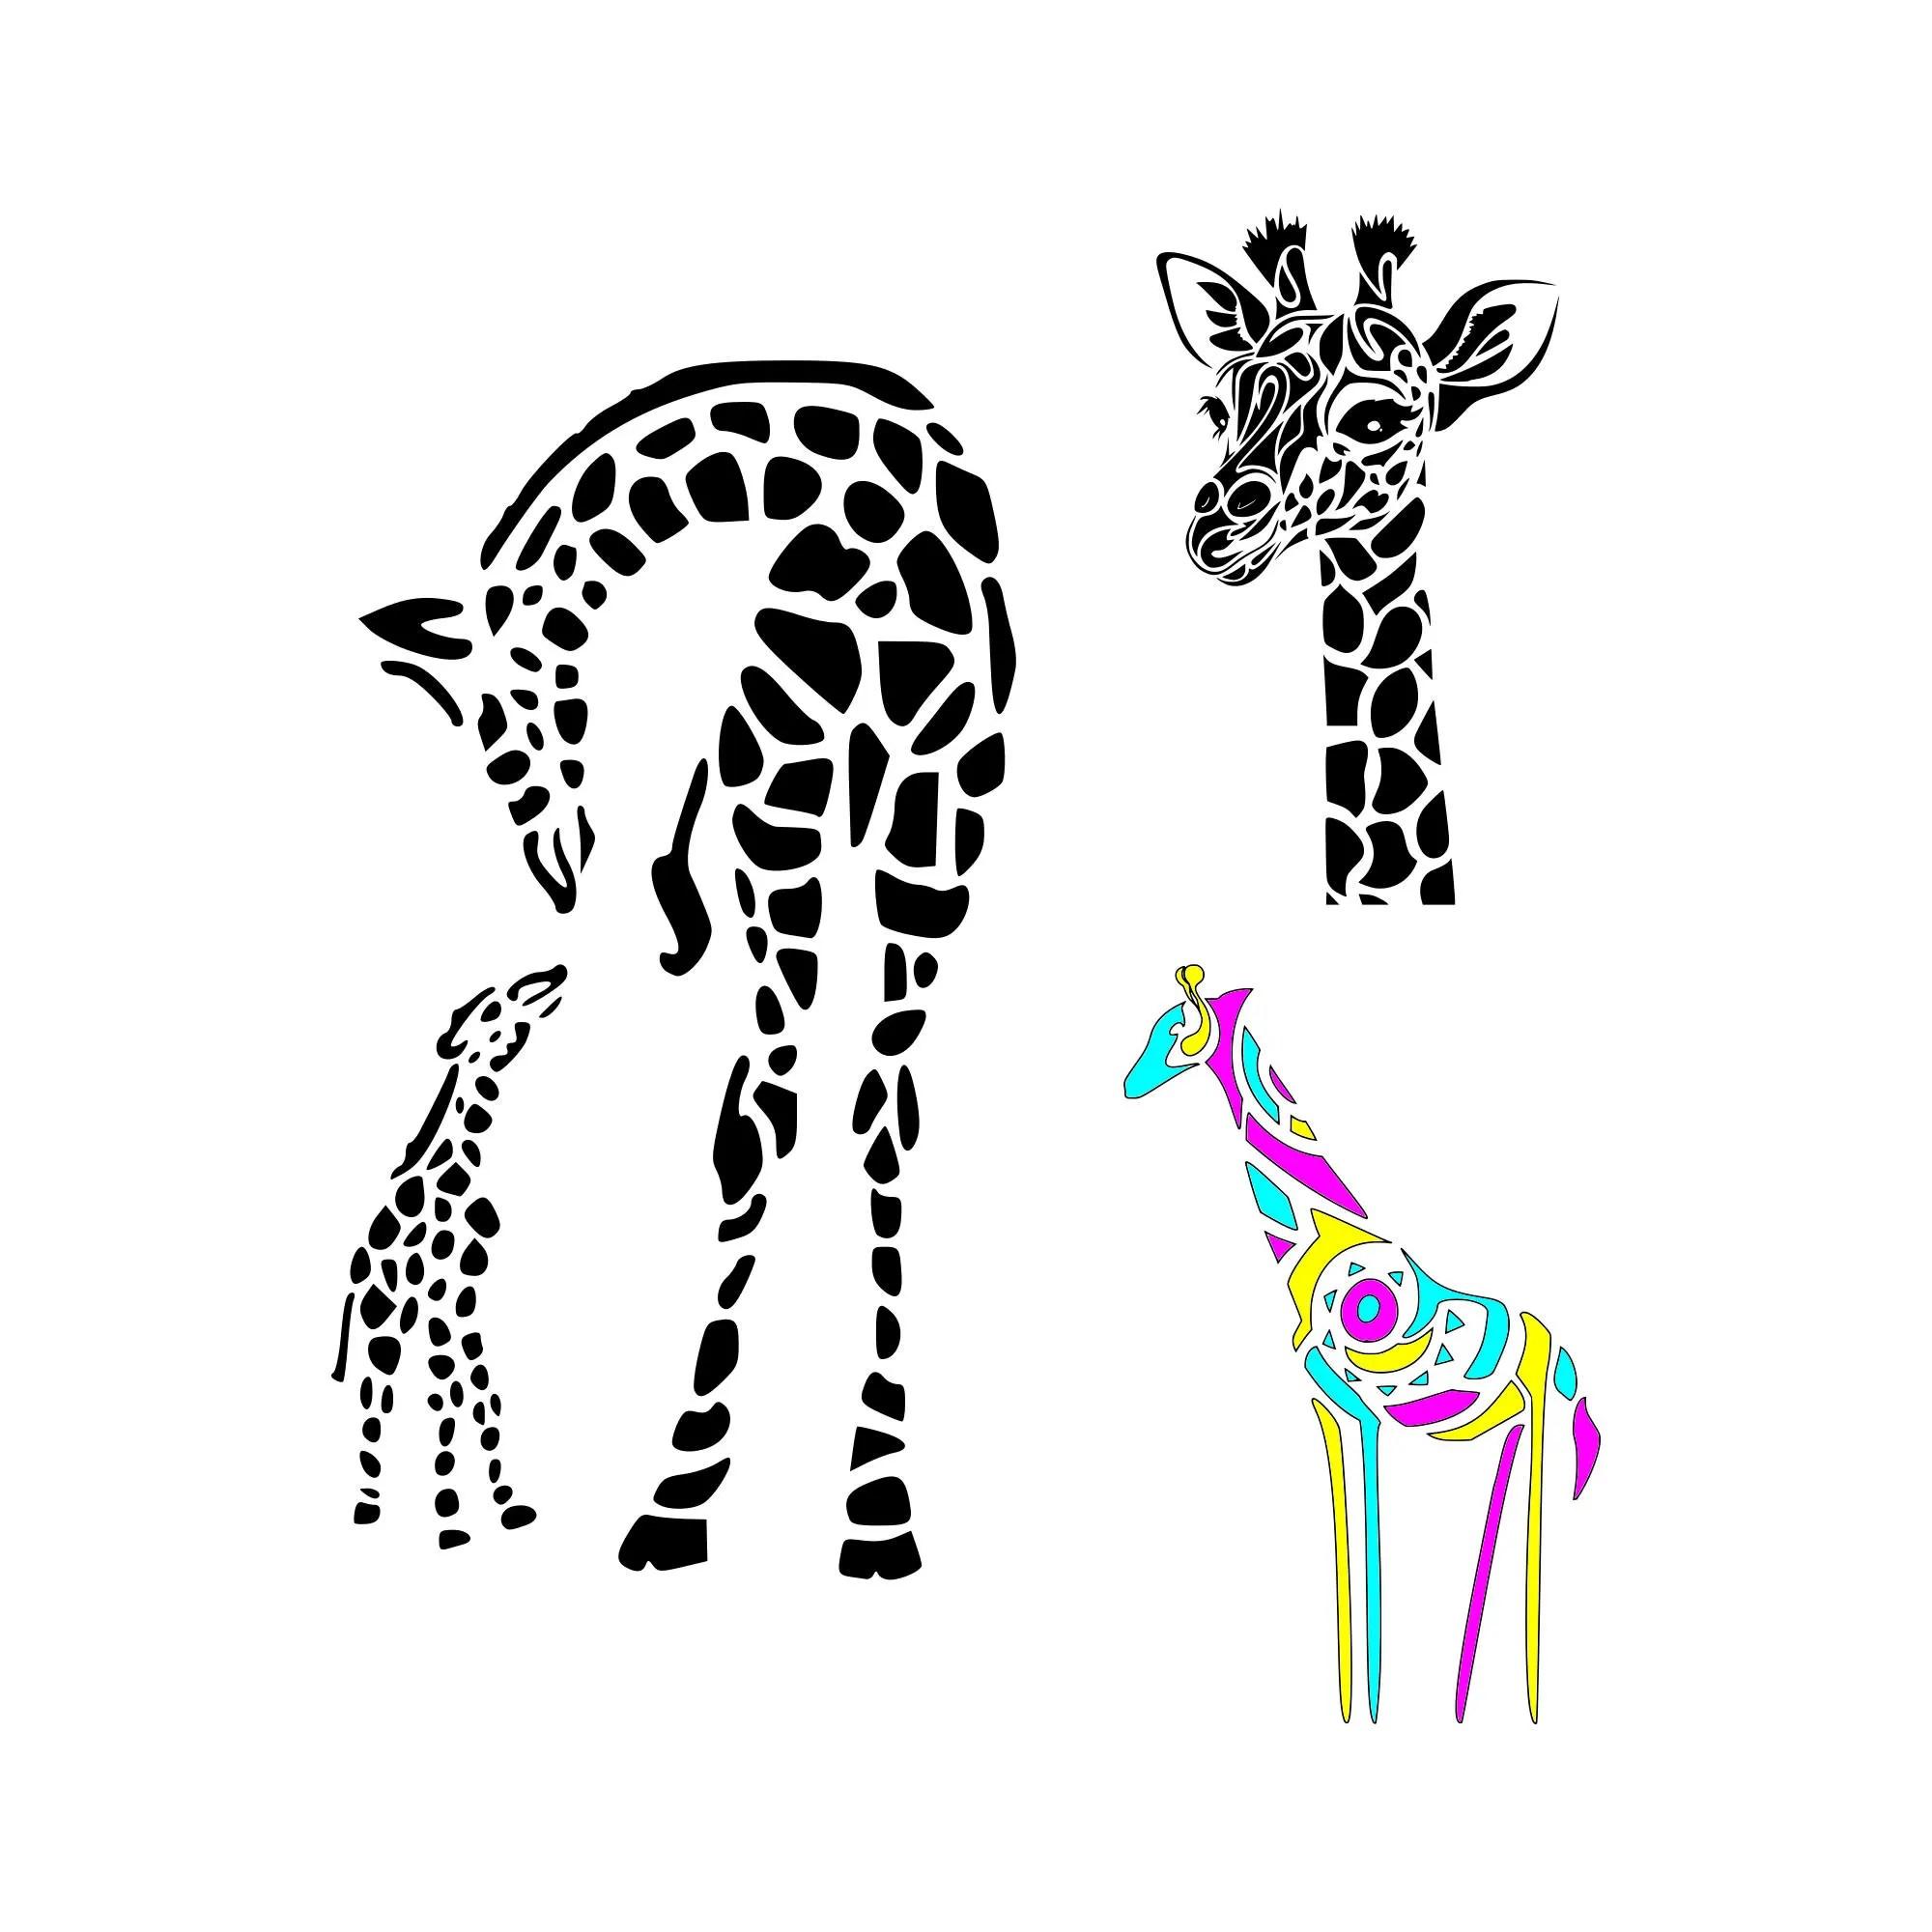 Giraffe Svg Mom And Baby Giraffe Svg Giraffe Print Svg